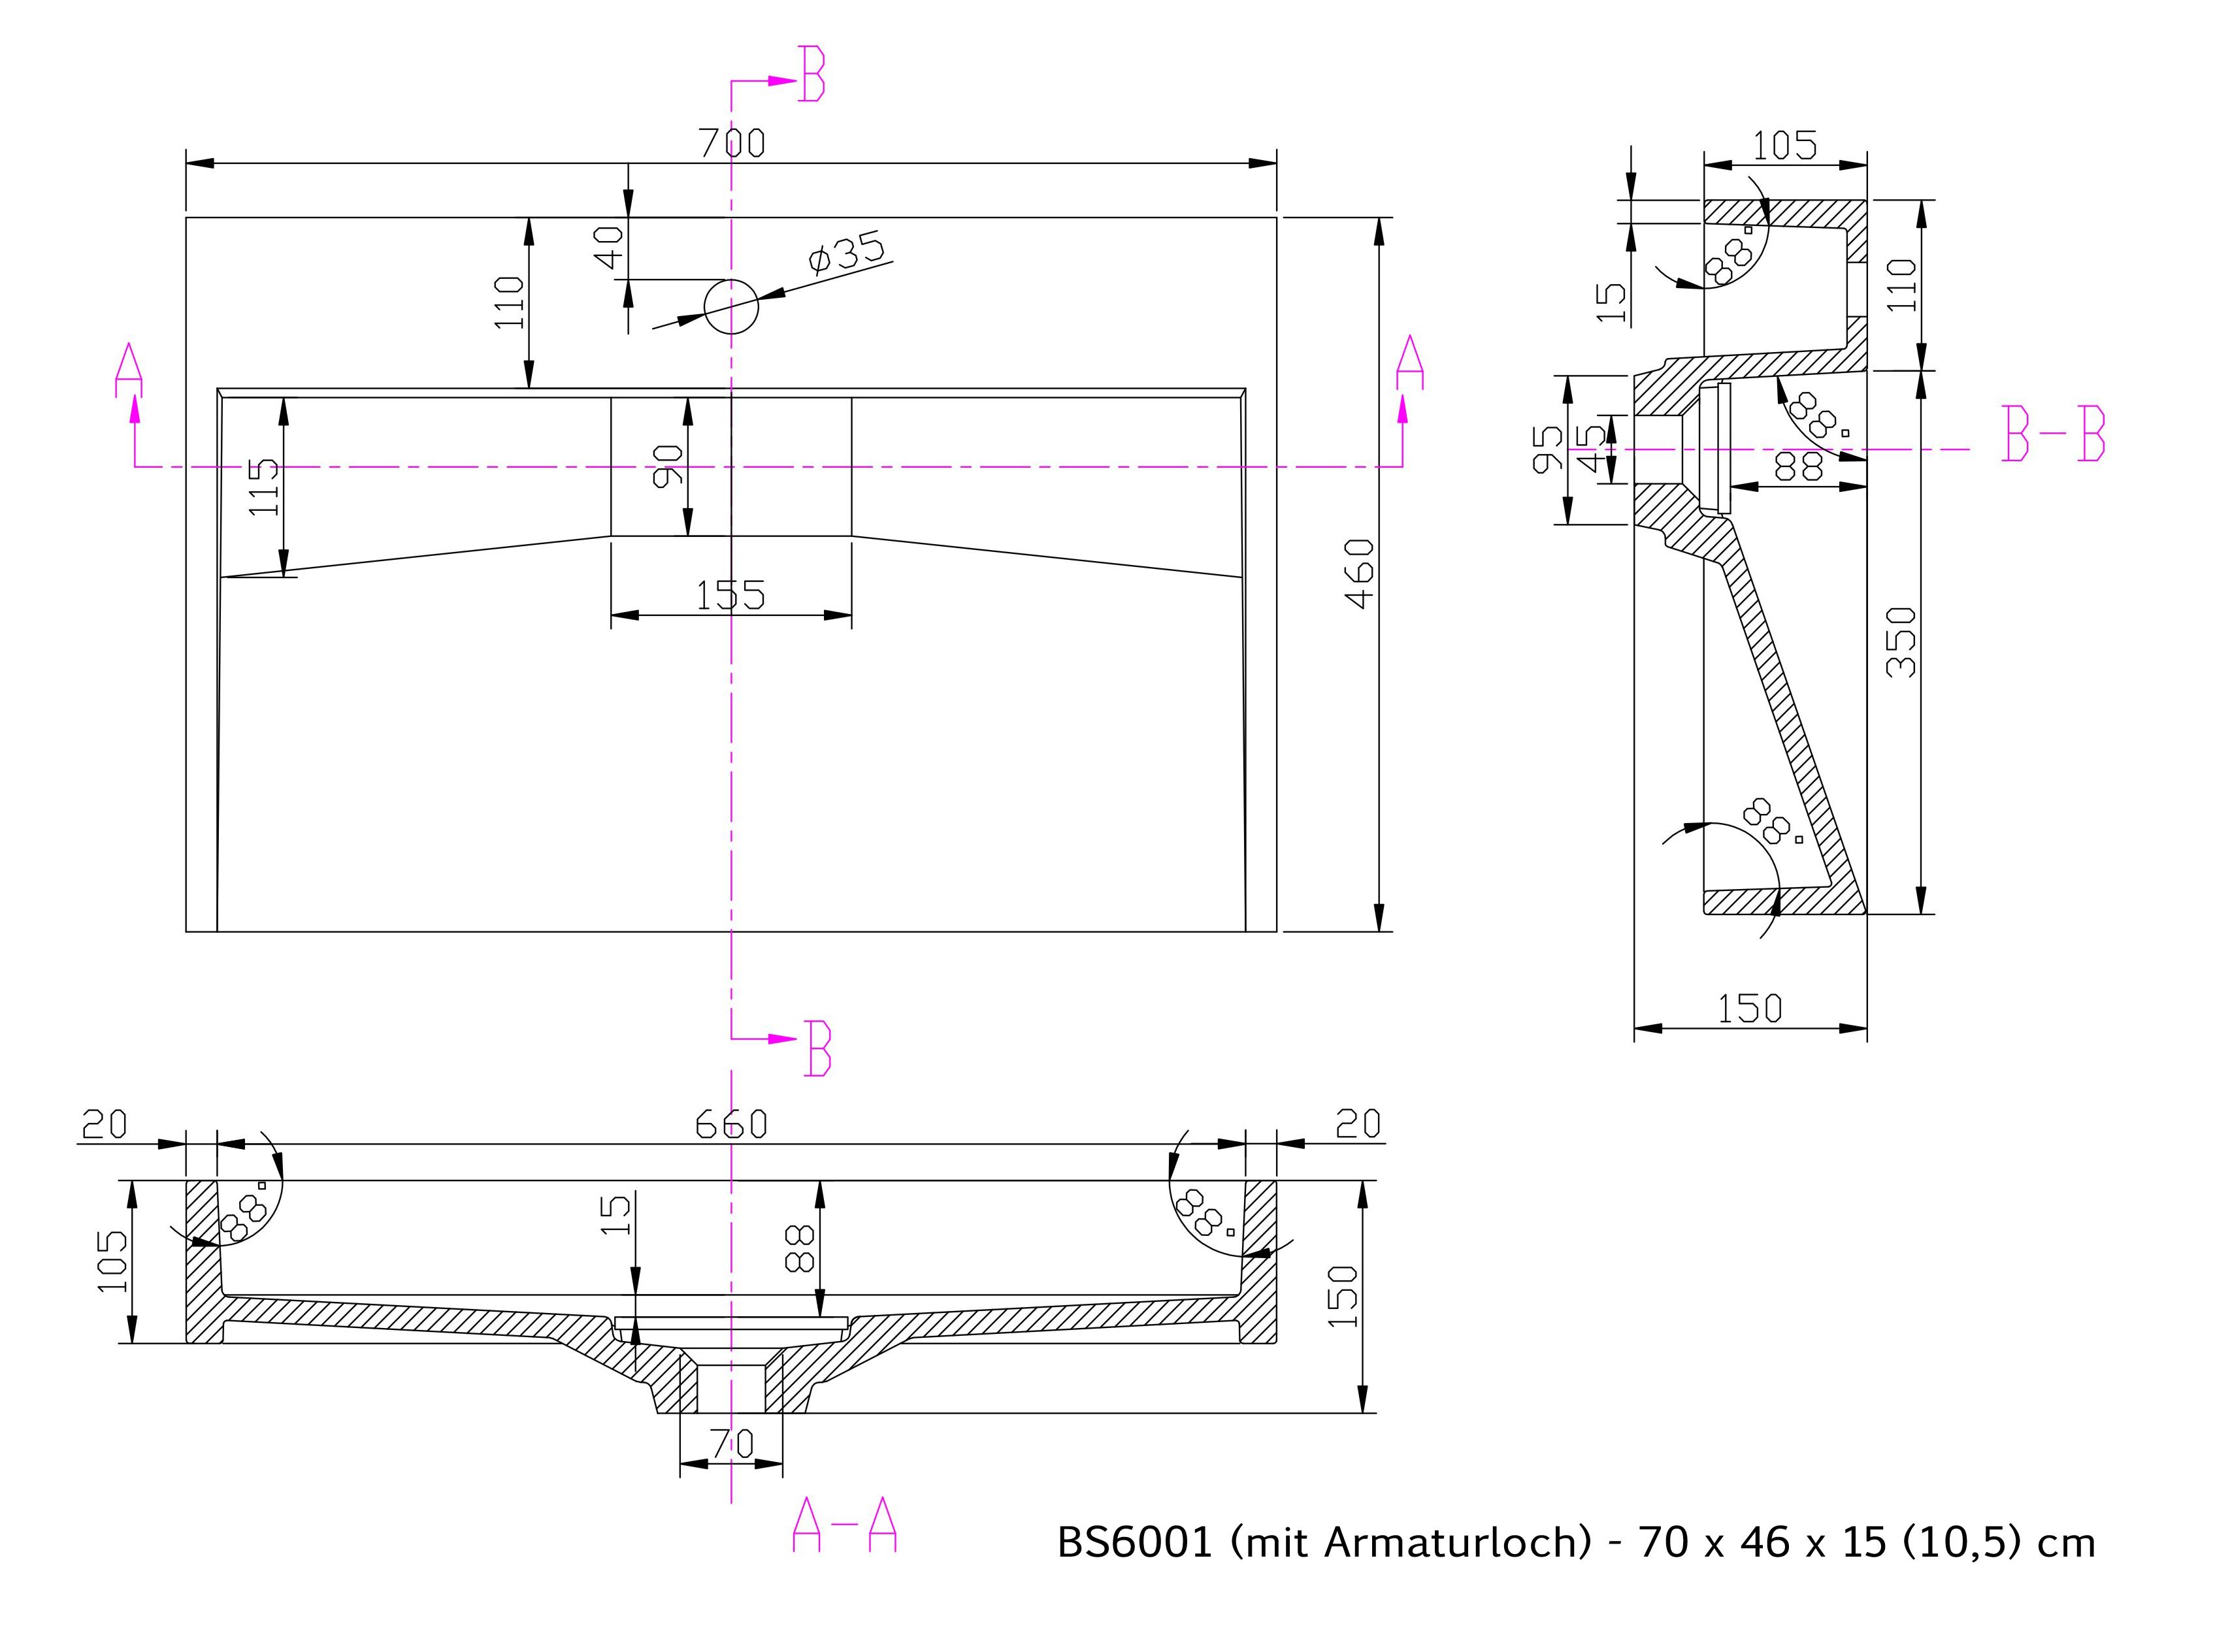 BS6001 - Breite 70cm - mit Armaturloch